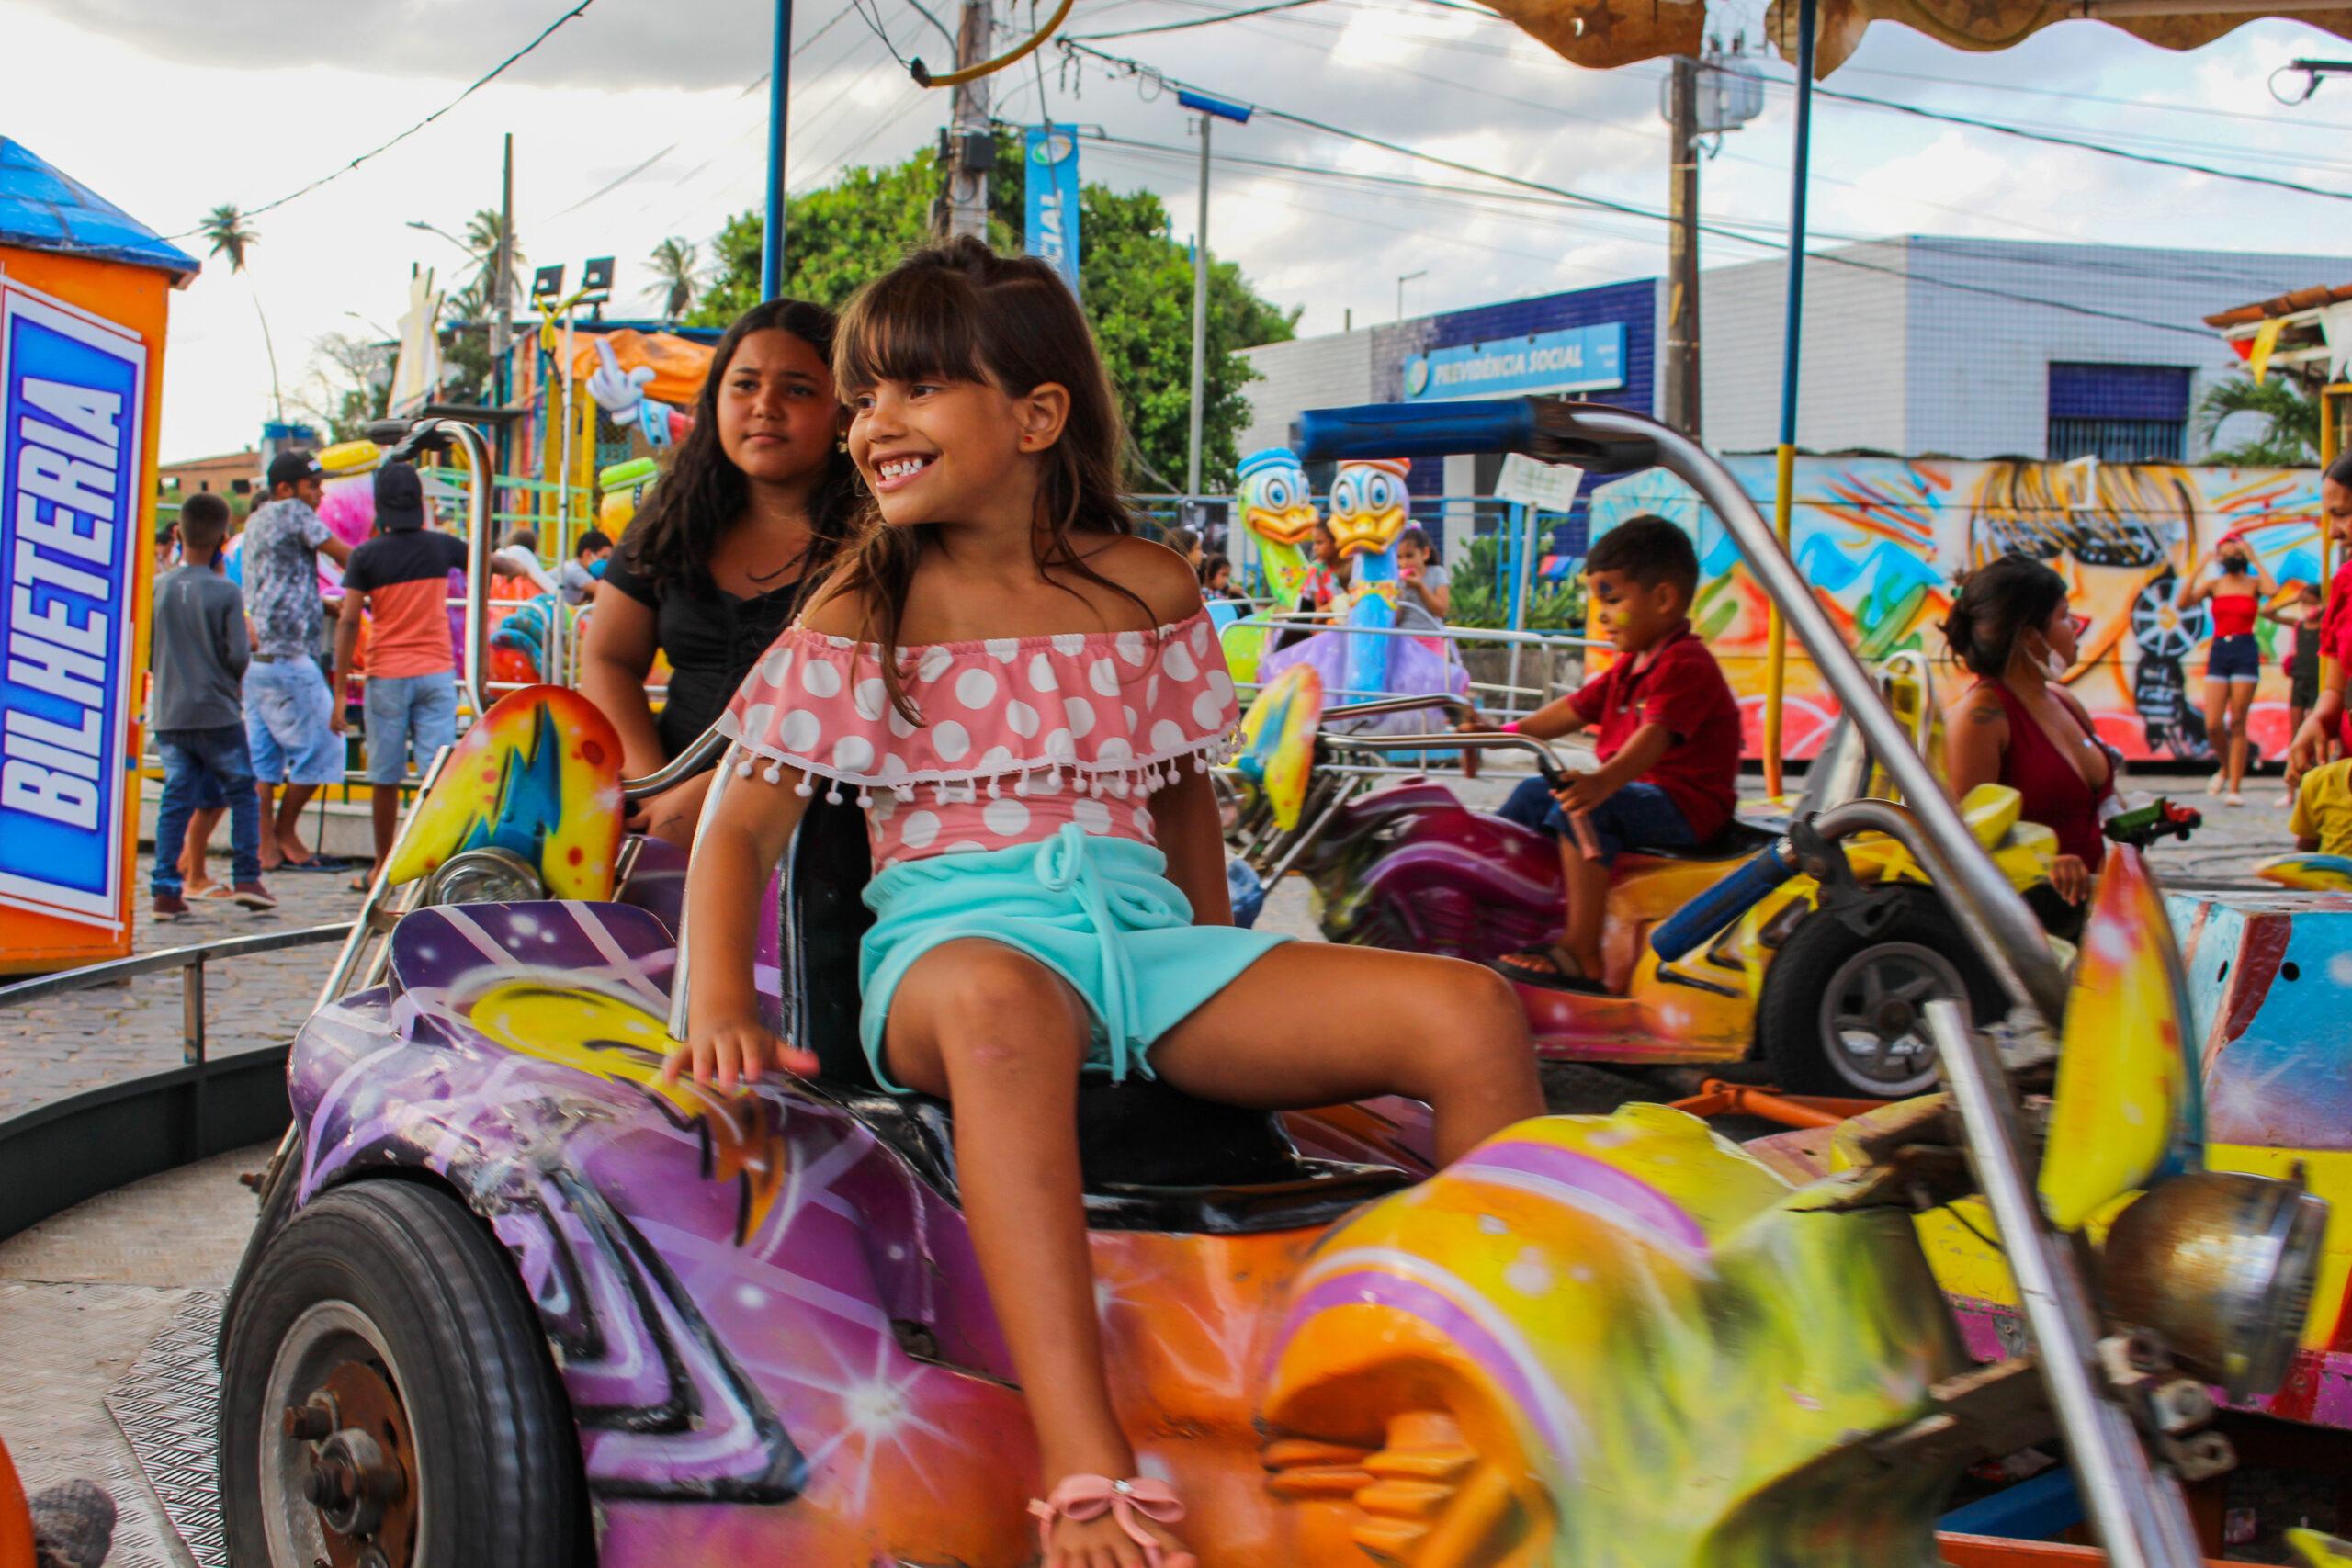 Brincadeiras, doces e distribuição de brinquedos marcam festa do Dia das Crianças em Sapé